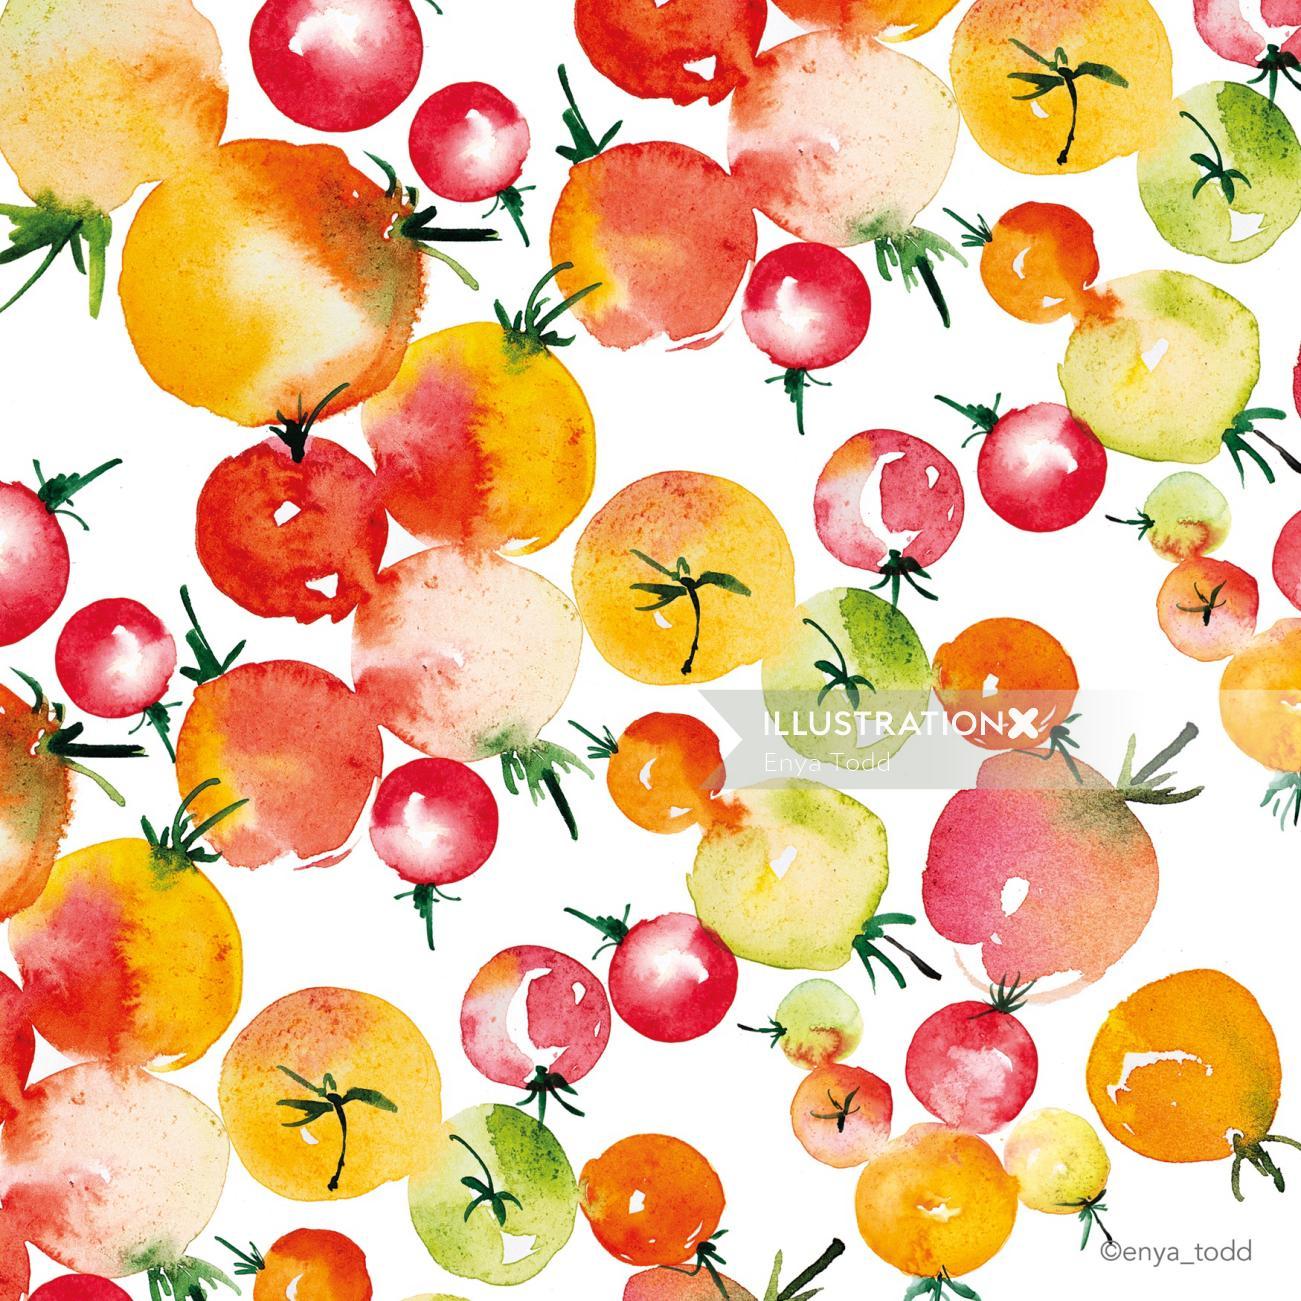 Cherry Tomatoes design